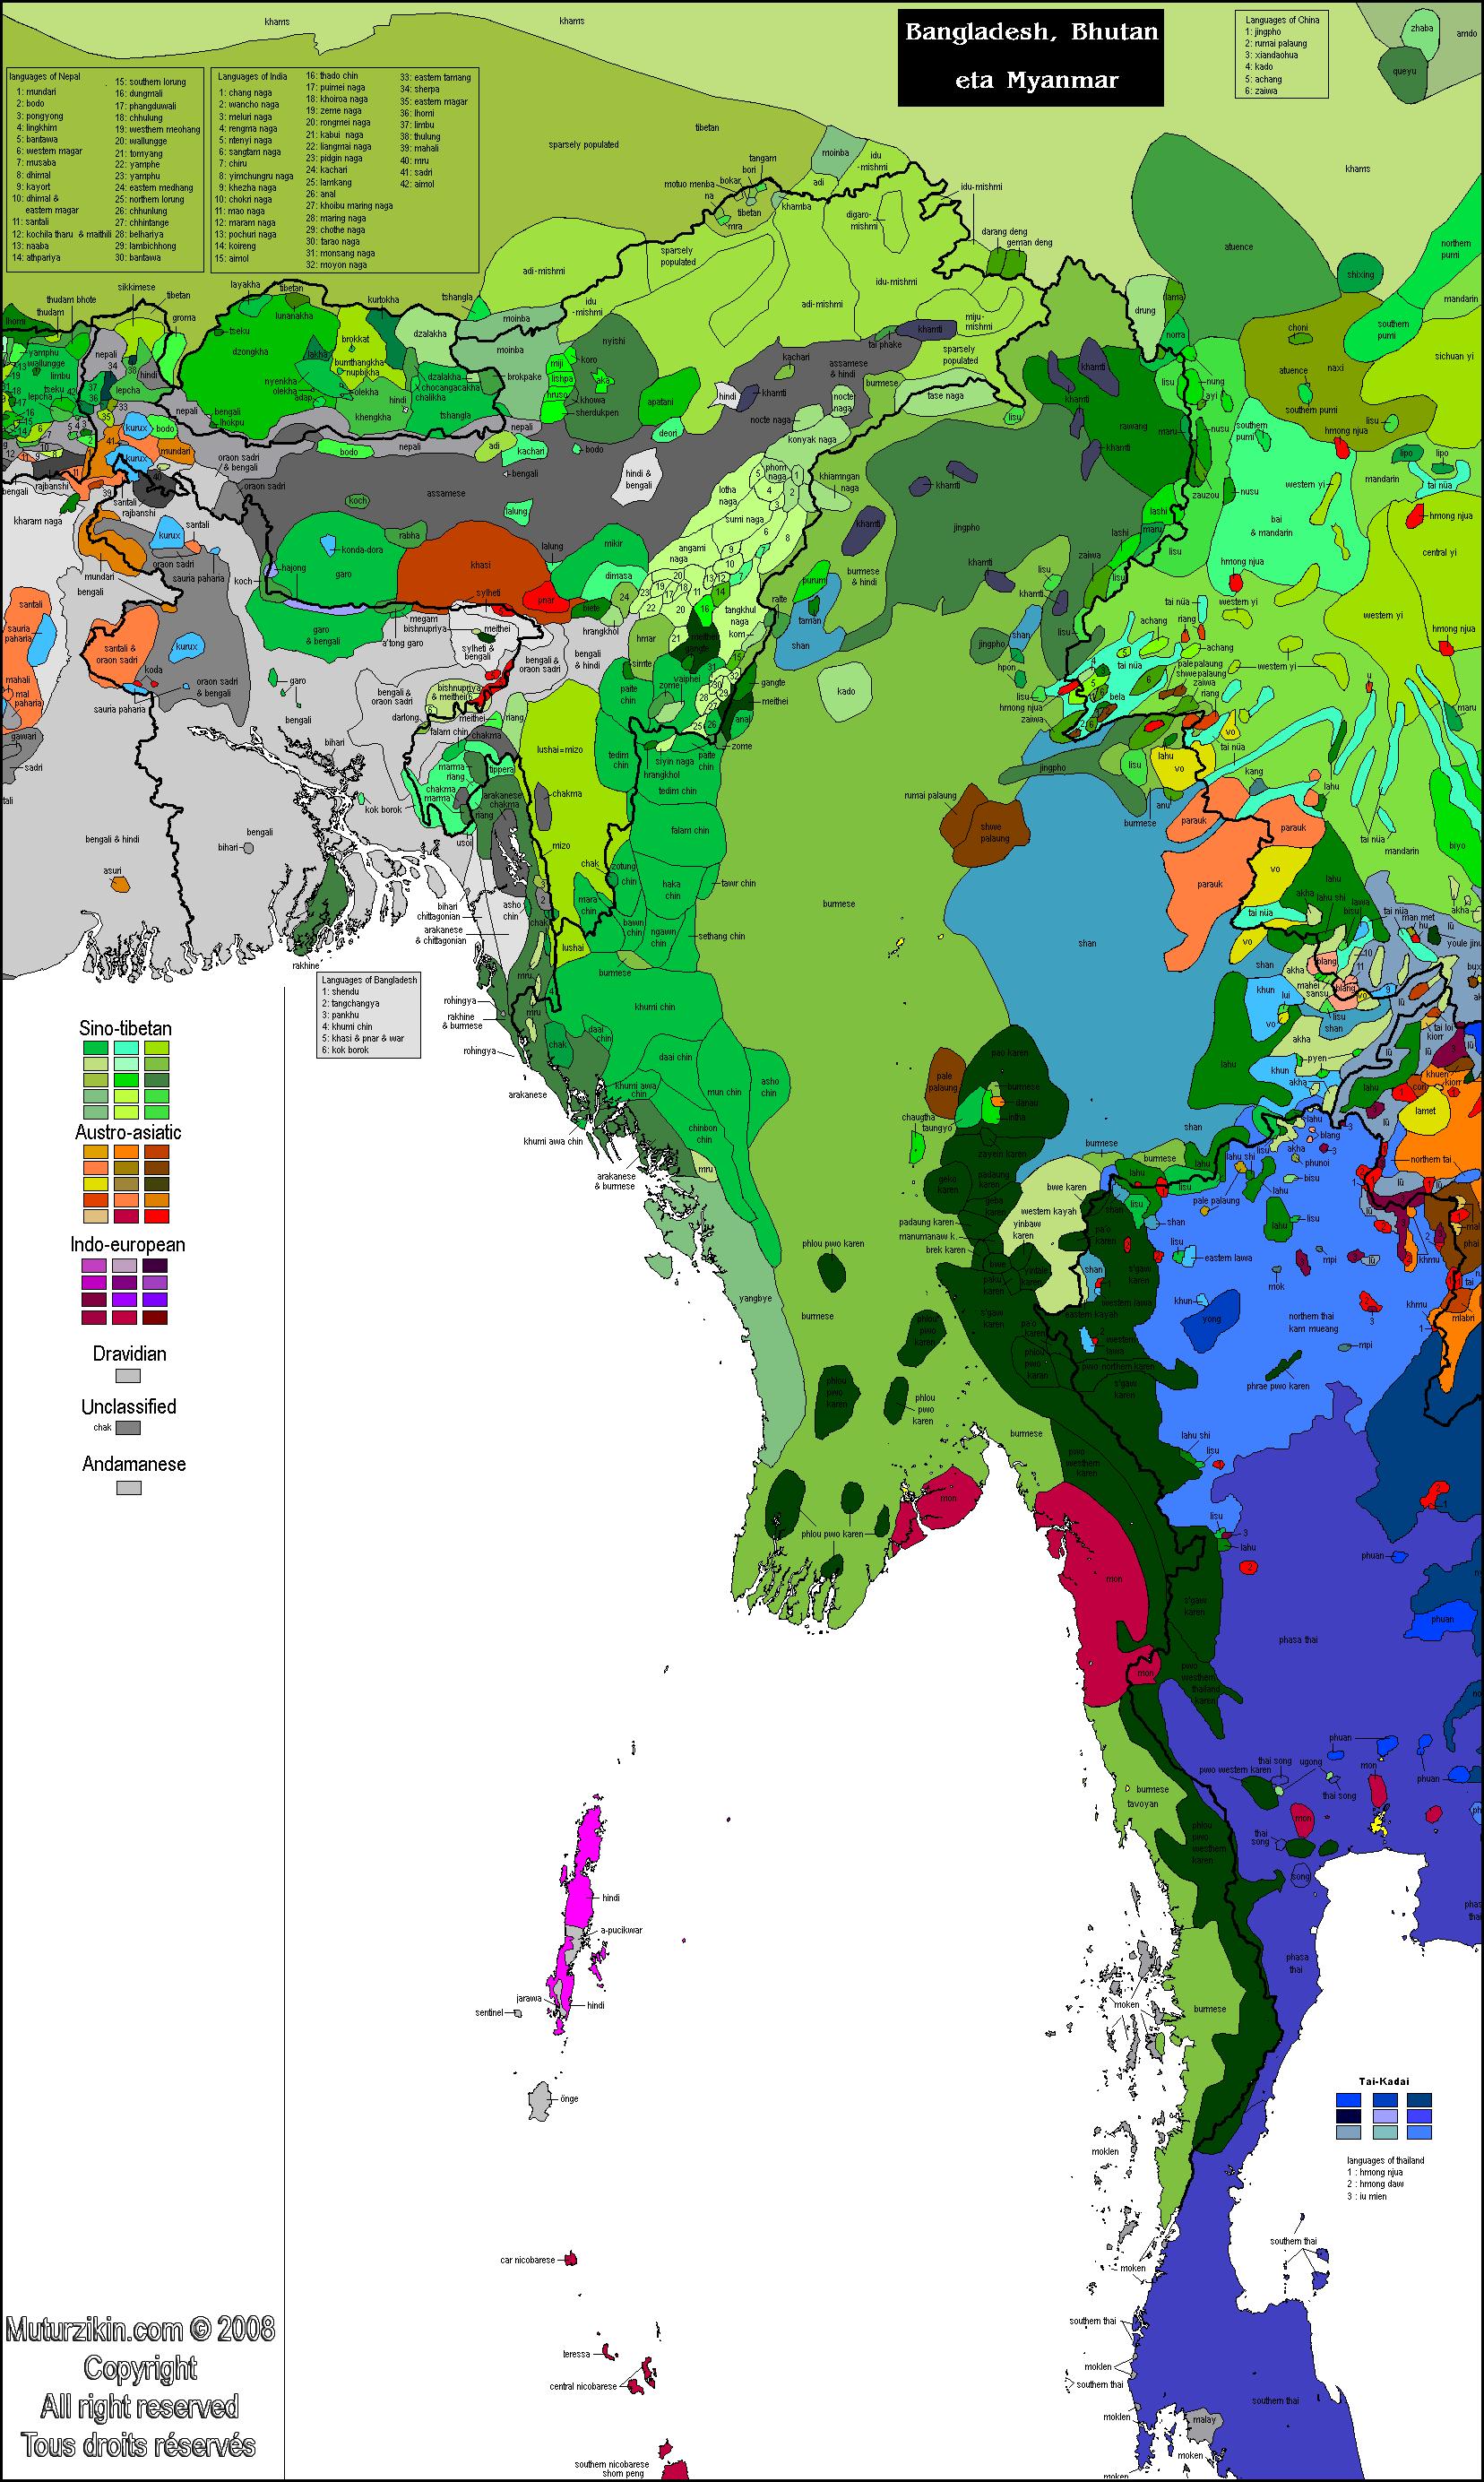 South Asia - Carte linguistique / Linguistic map